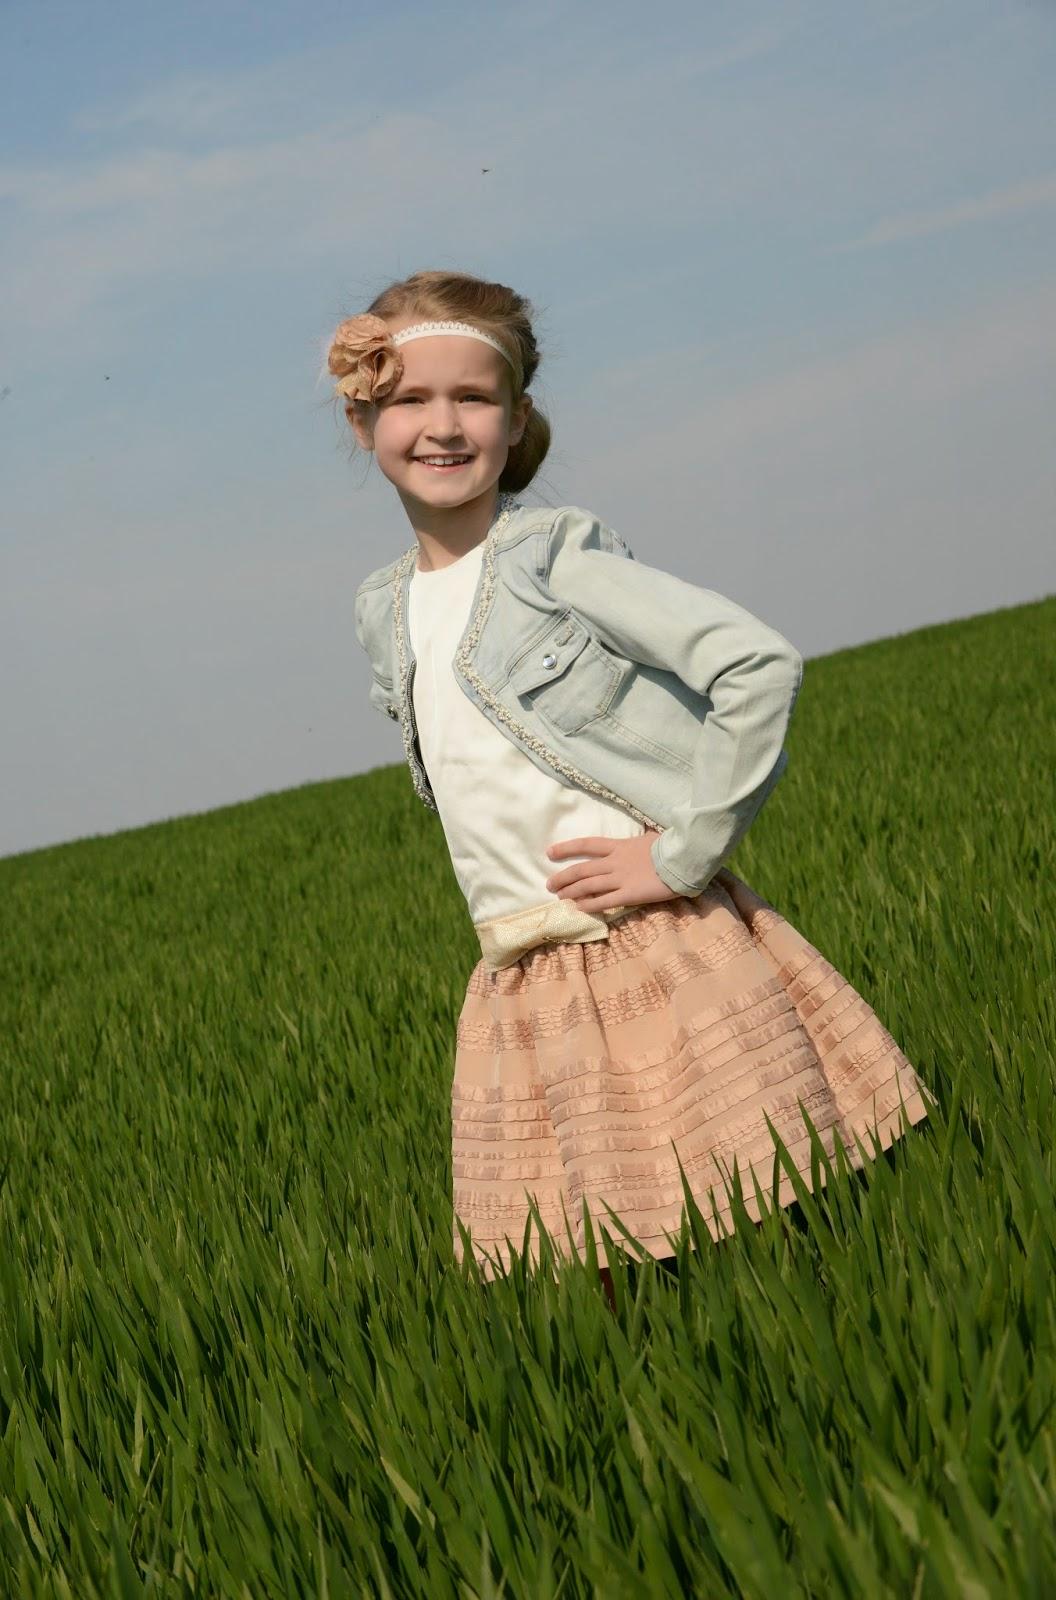 DIY communiejurk communiekleed naaien sewing SVDHZ stof voor durf het zelfers haarlint